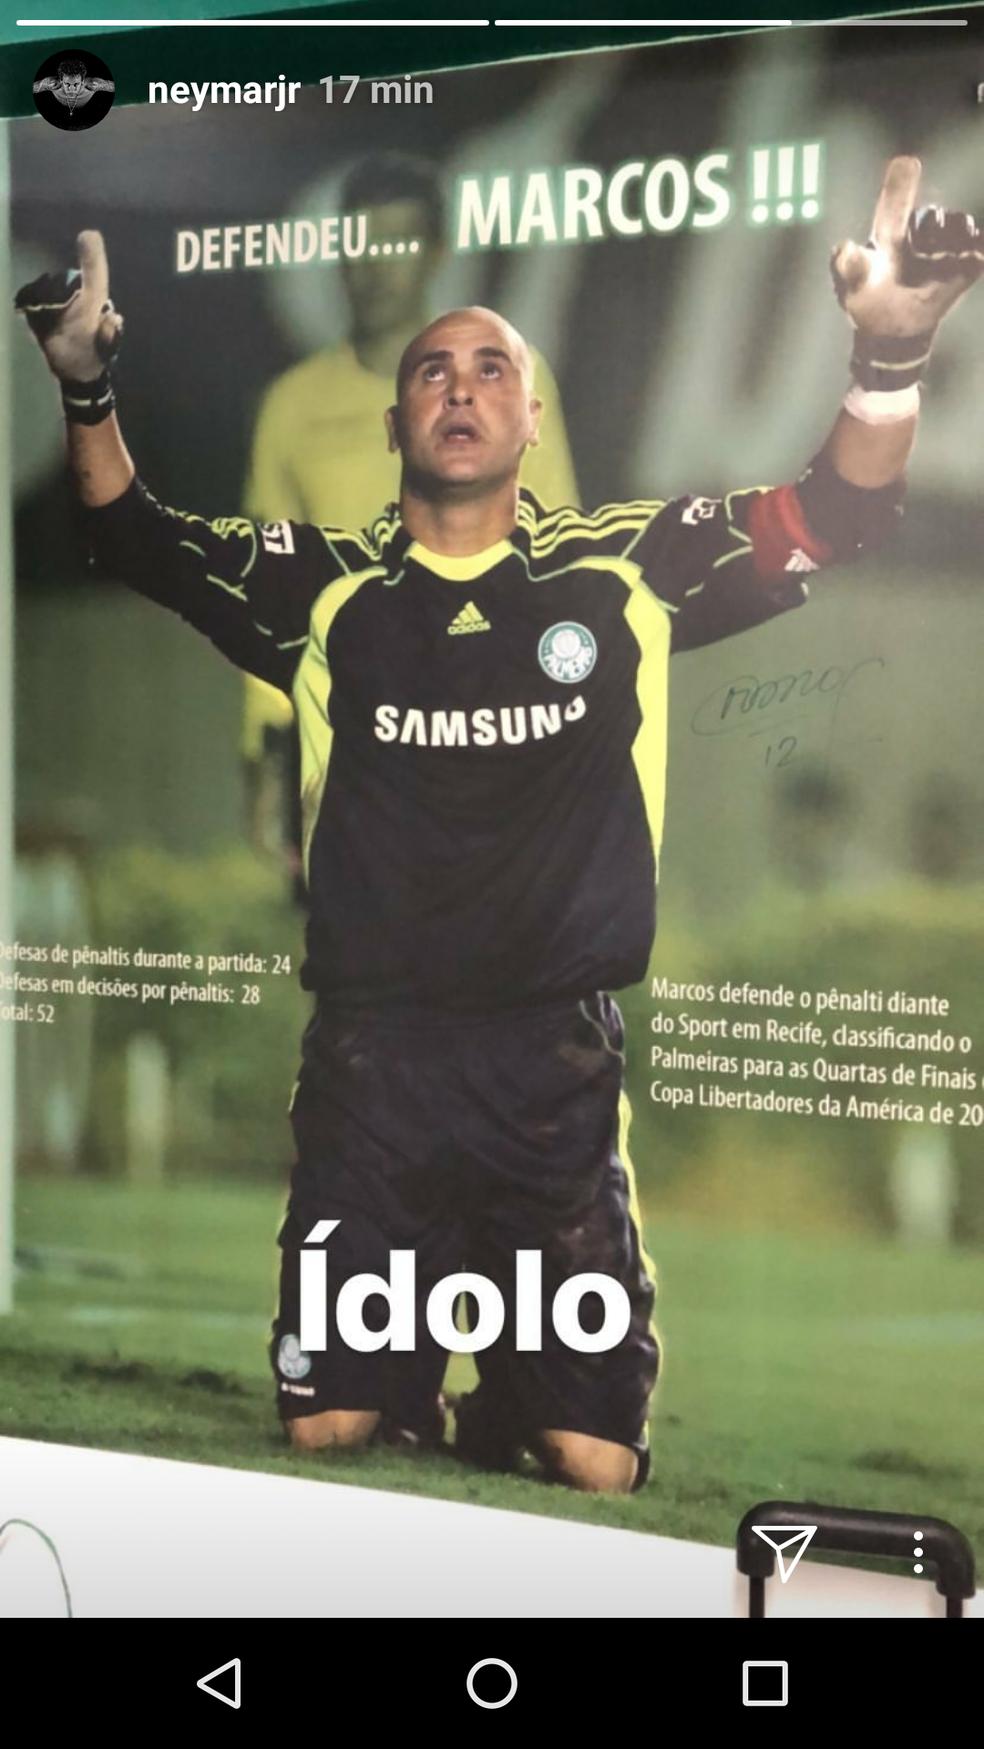 Post de Neymar no Instagram antes de treino da Seleção (Foto: Reprodução/ Instagram)